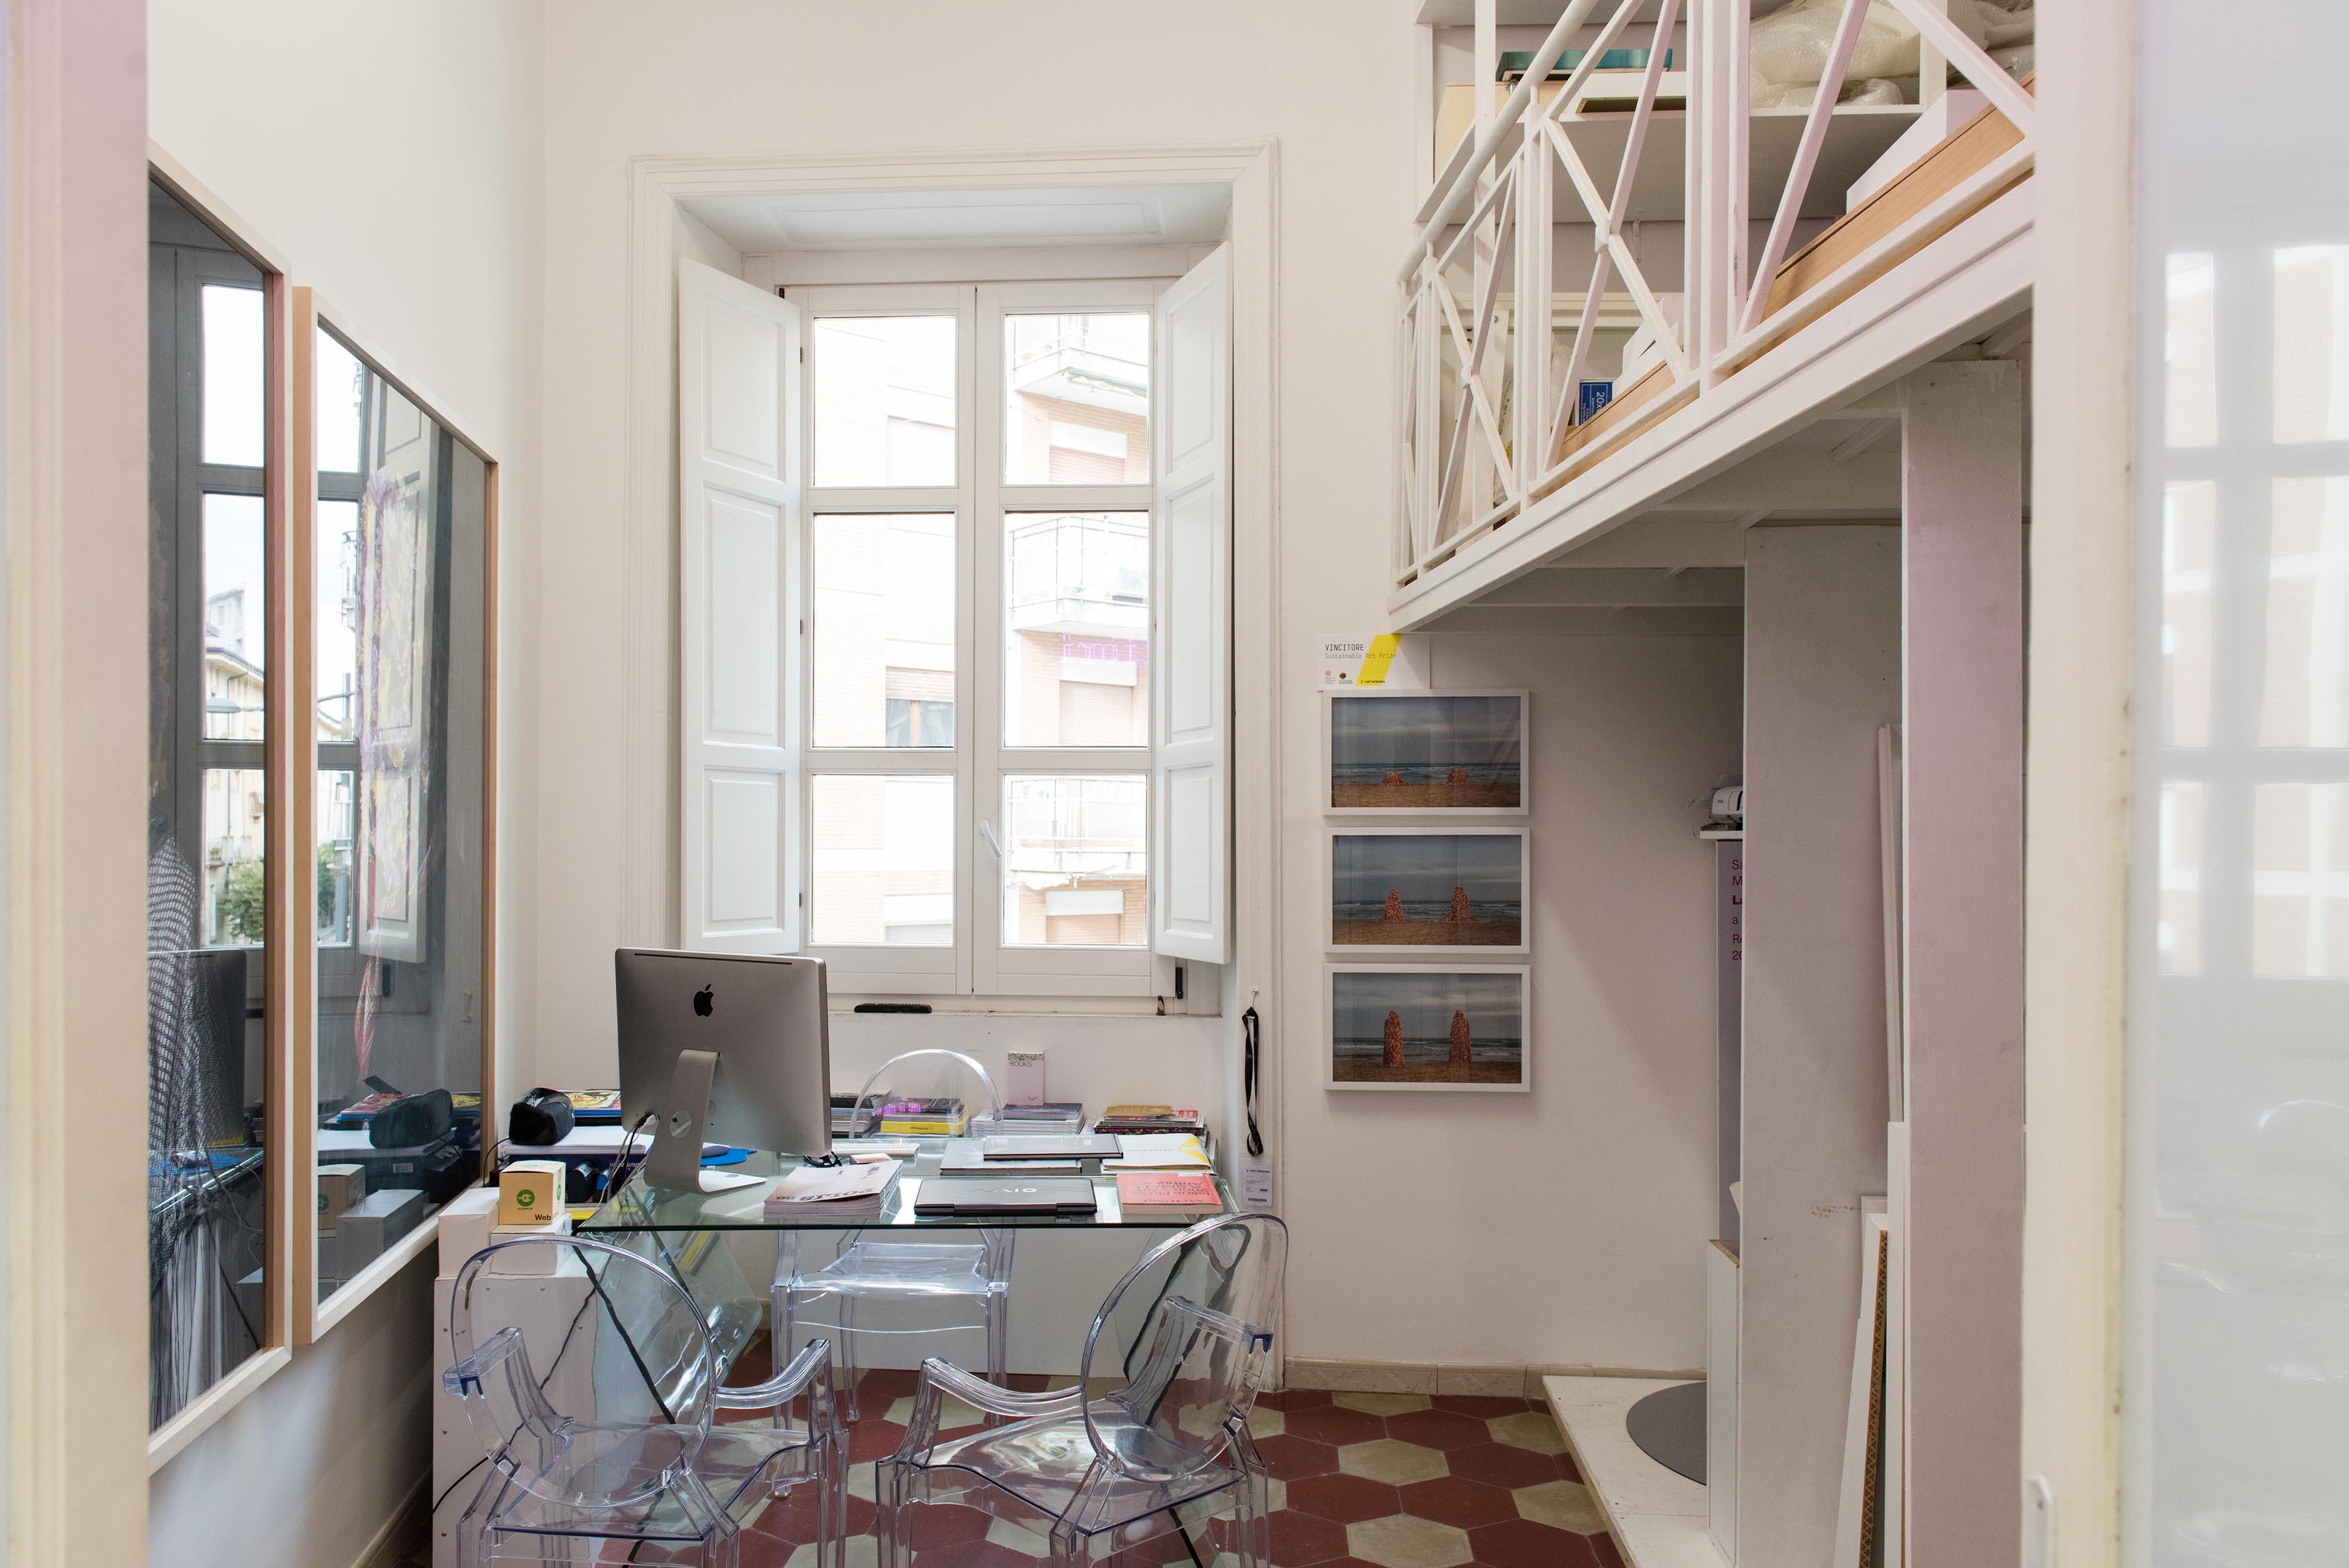 aA29 Project Room,nuovi spazi a Palazzo dei Commestibili